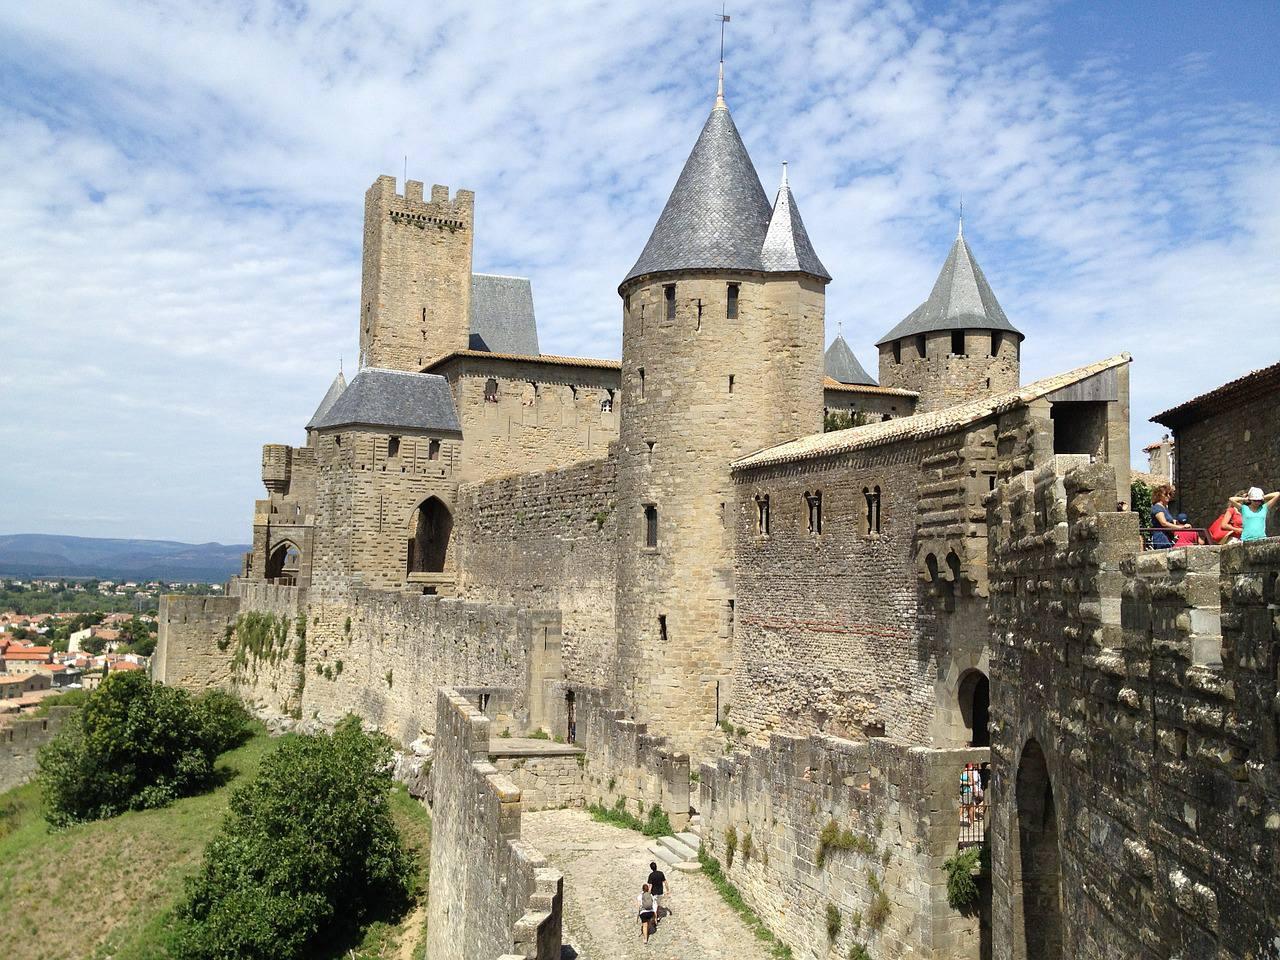 Fortification dans la Cité de Carcassonne